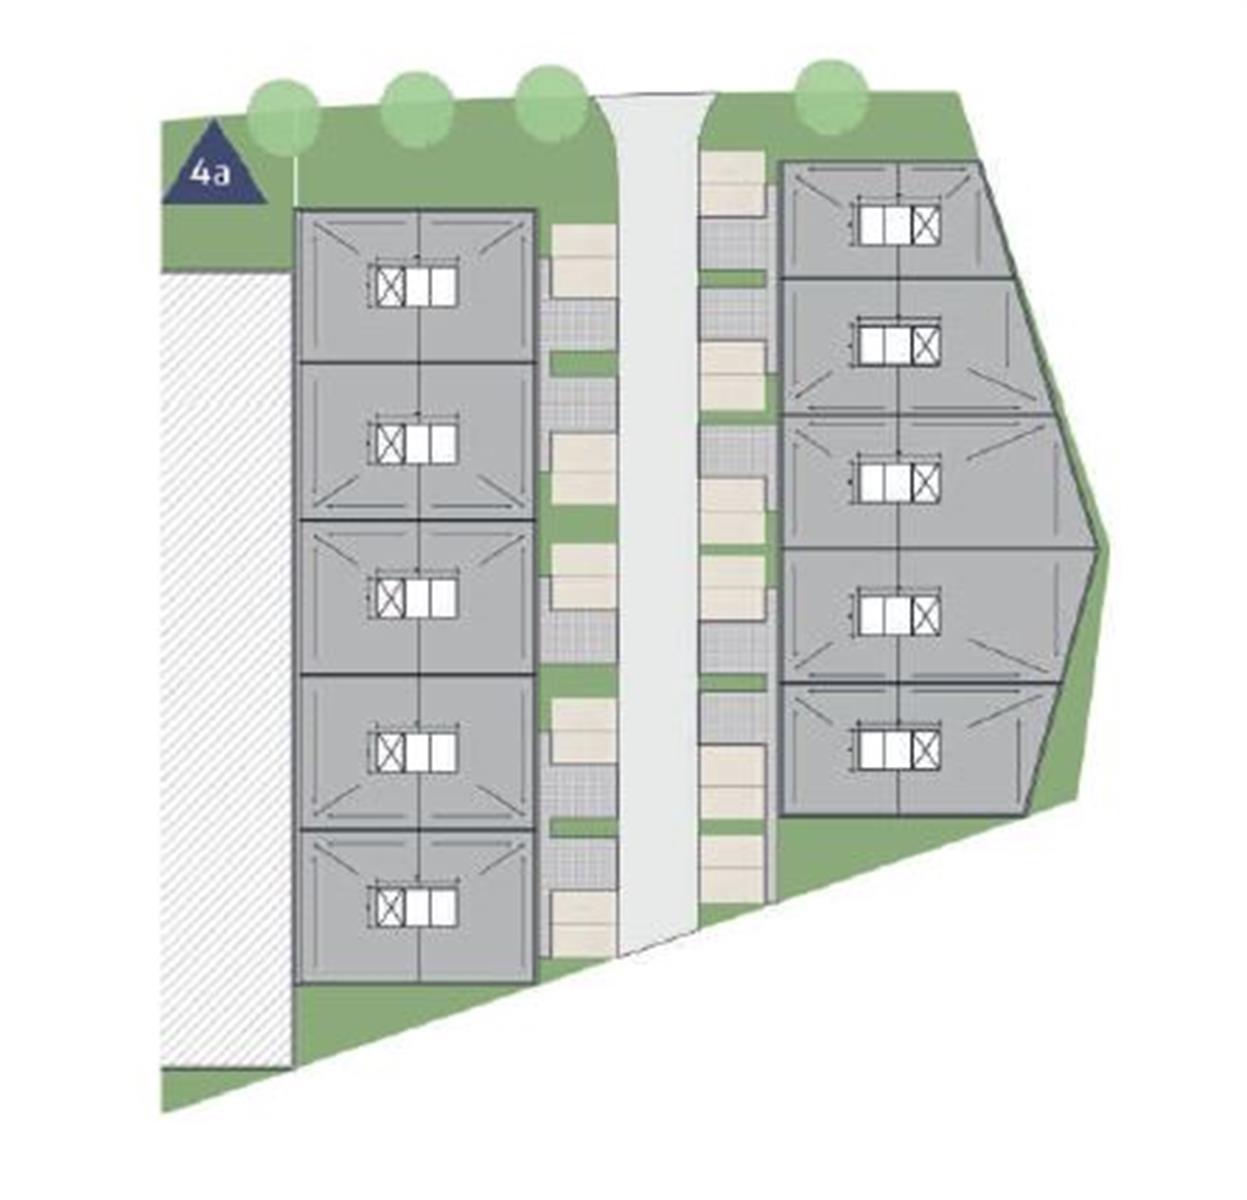 KMO-unit verkocht UNIT 4.2.2 Bollaarstraat 6